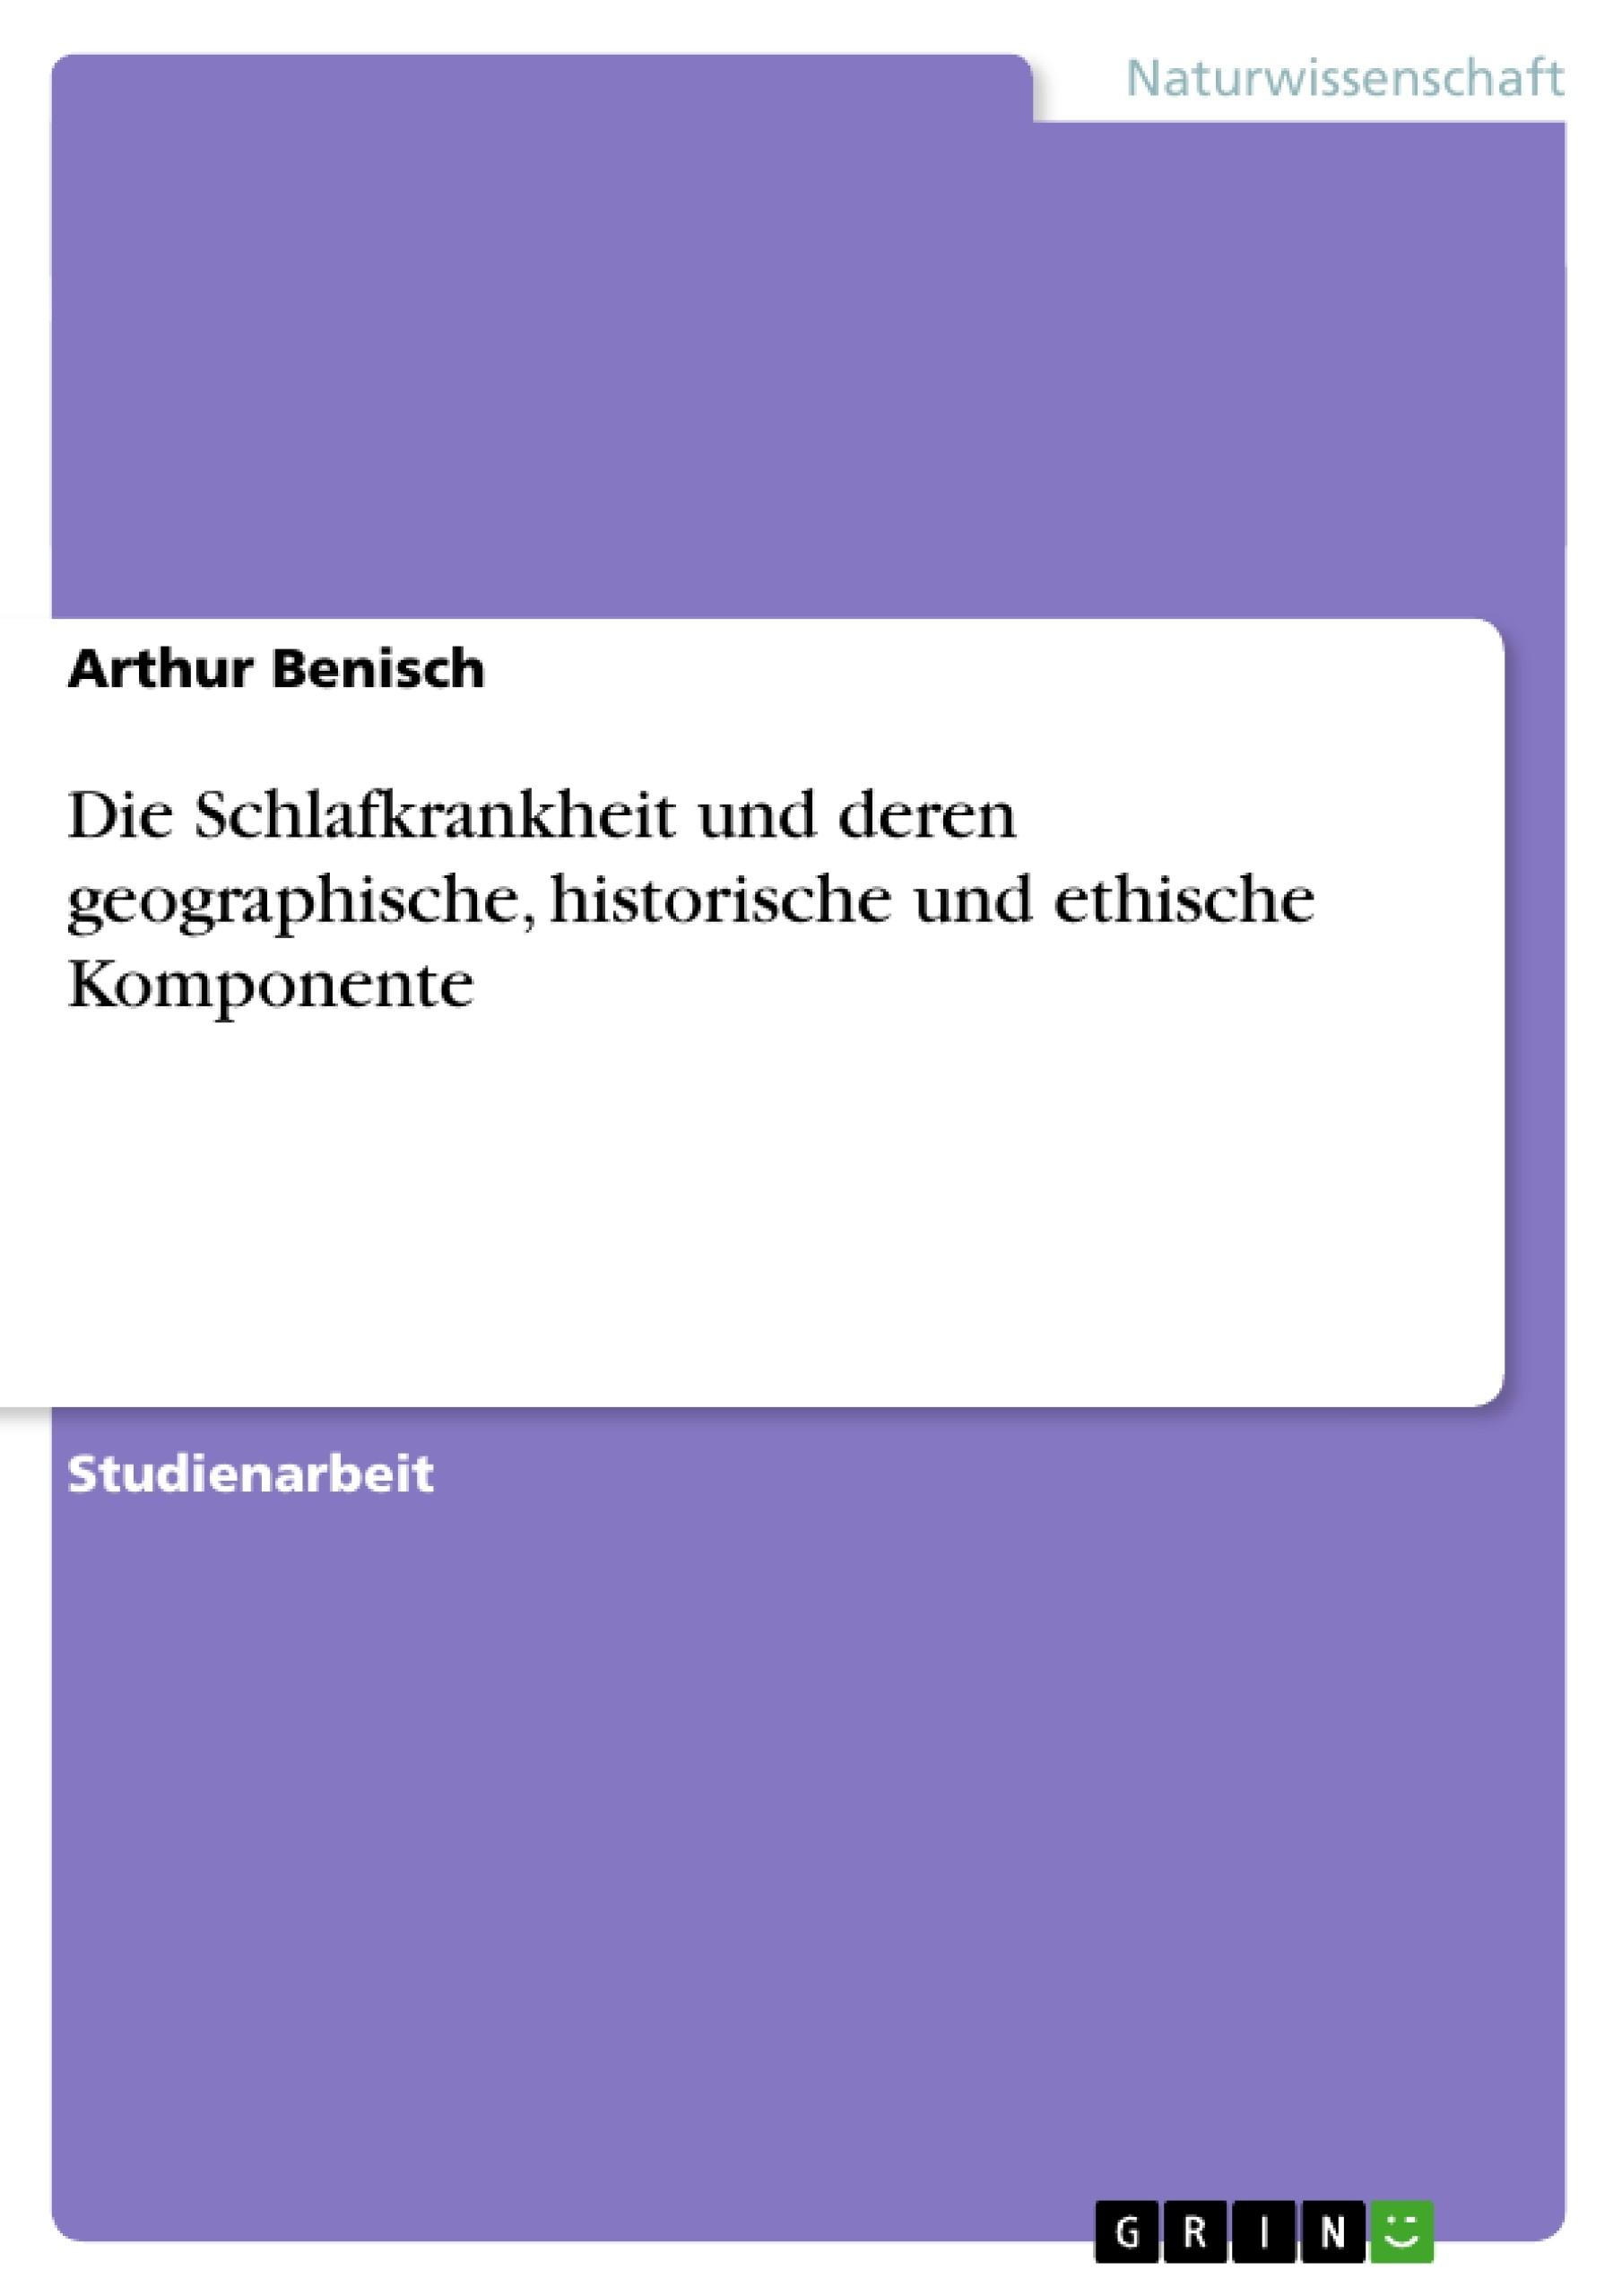 Titel: Die Schlafkrankheit und deren geographische, historische und ethische Komponente